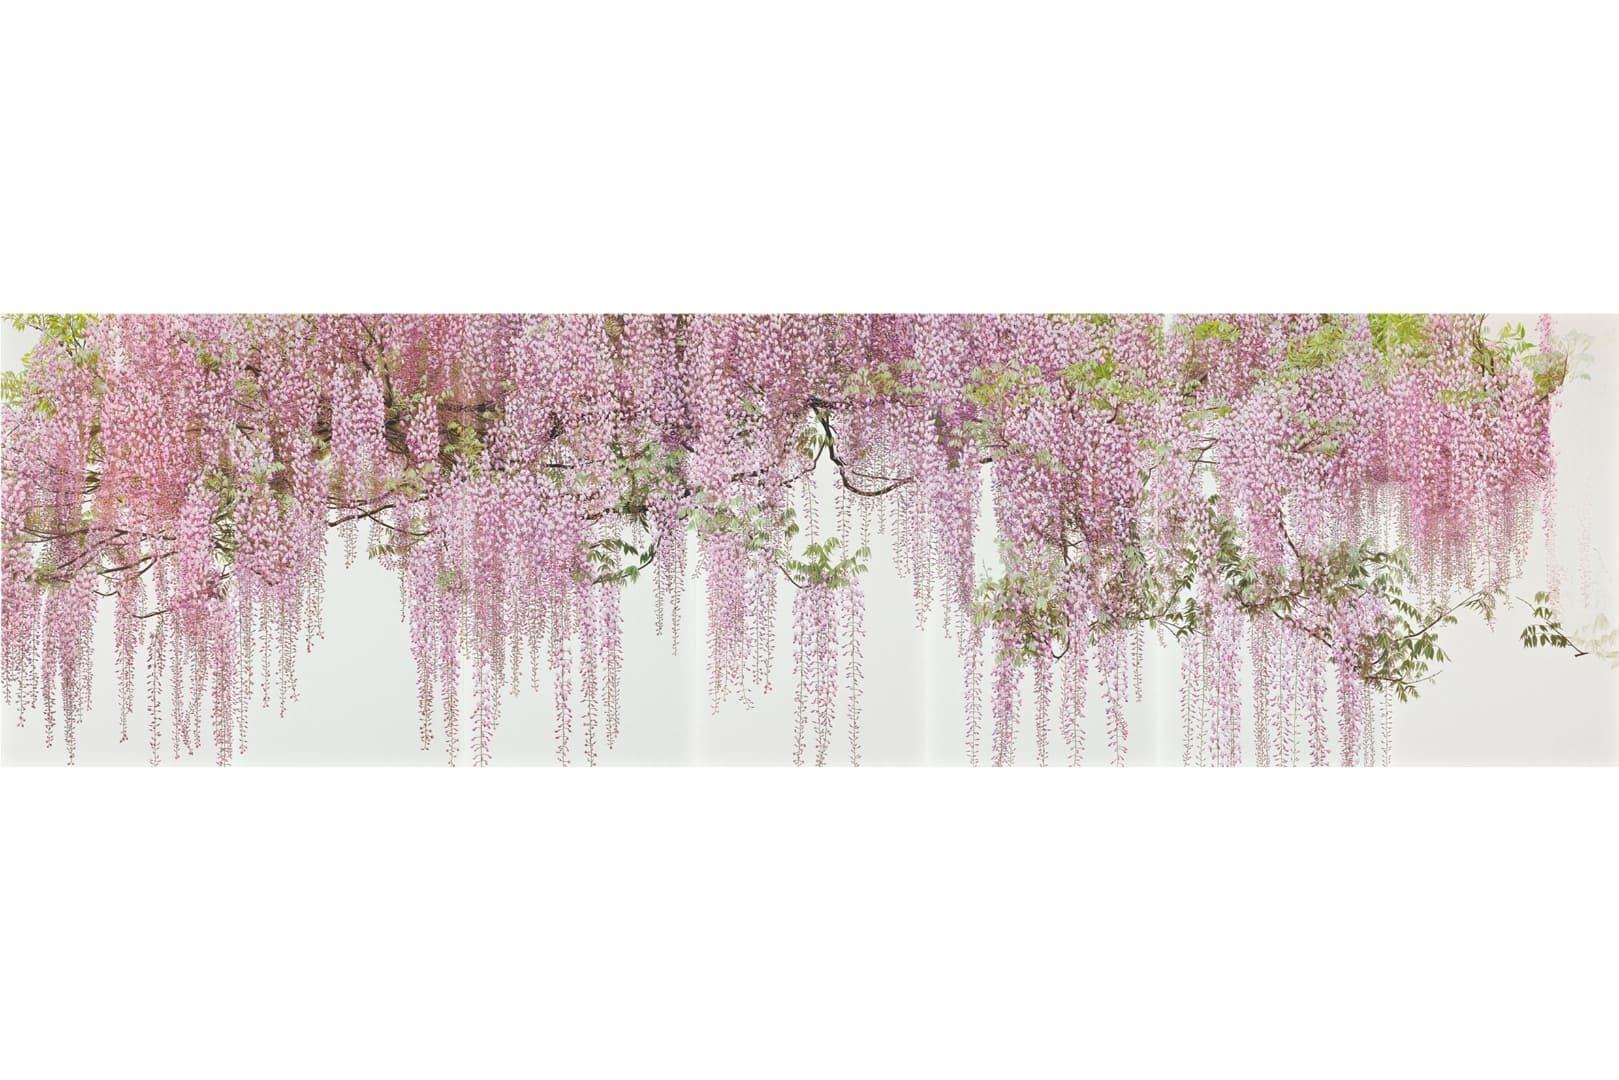 「吉村 芳生 作品」の画像検索結果